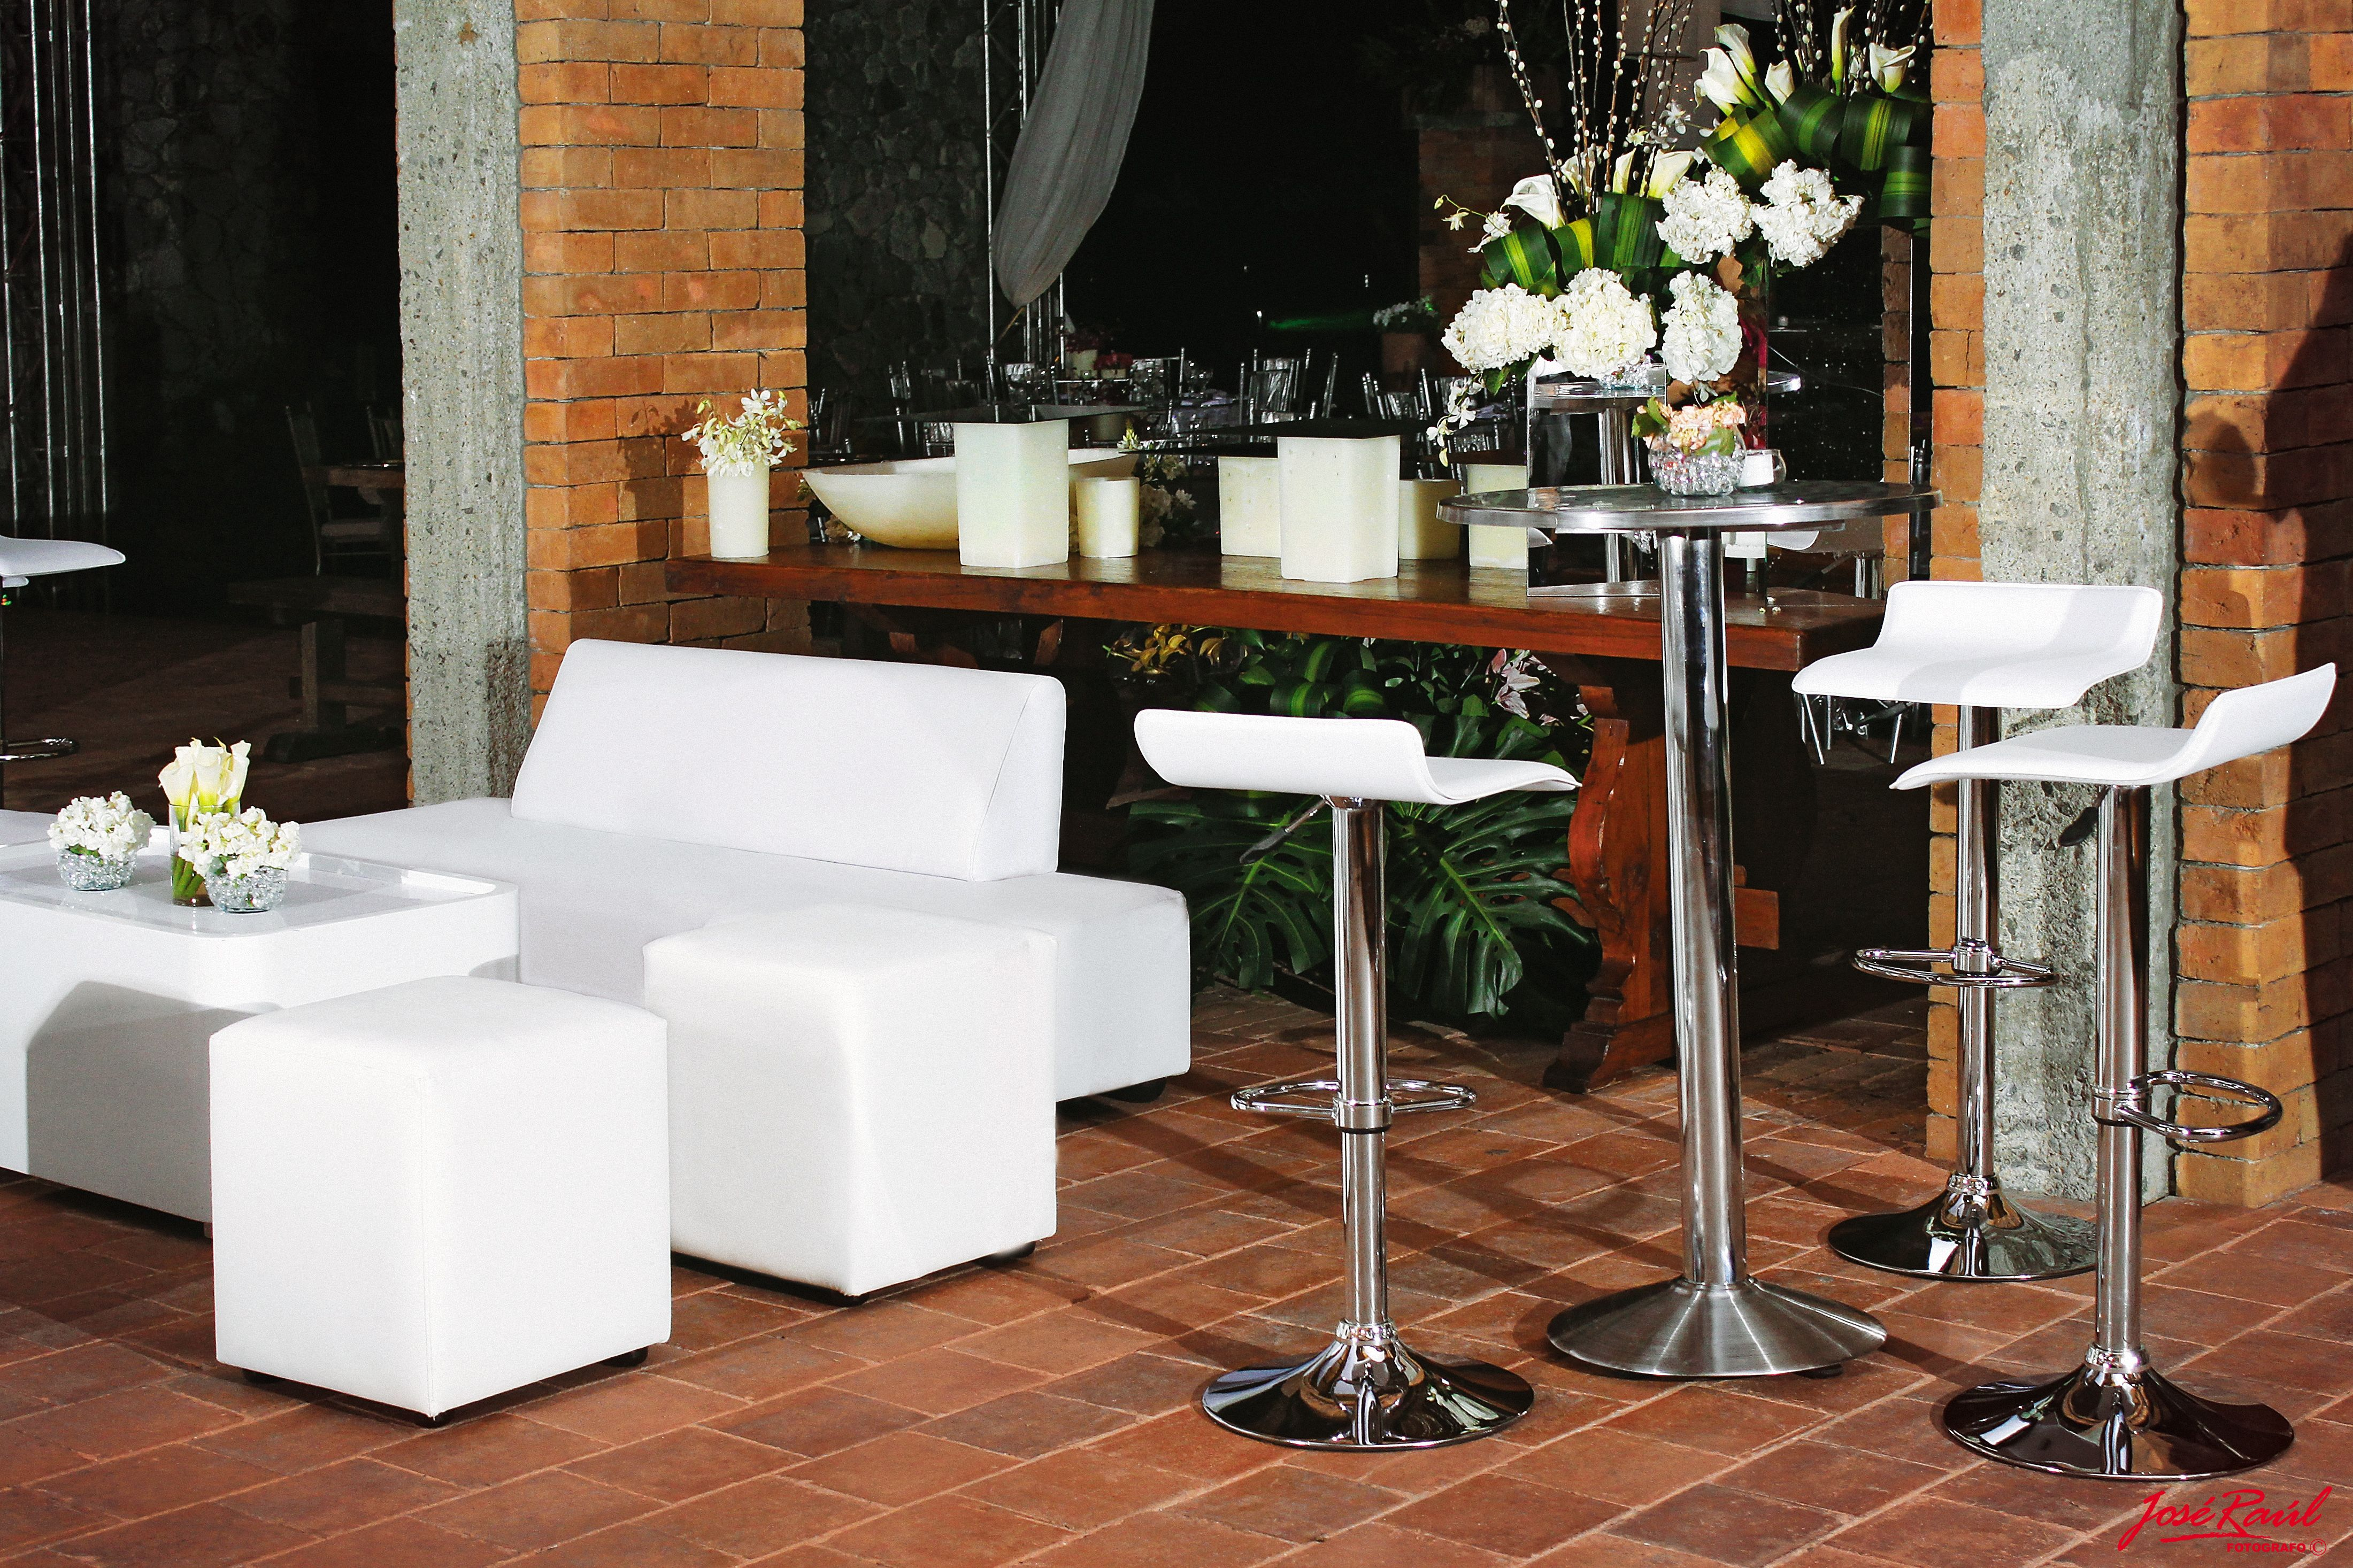 Mobiliario lounge blanco y mesa alta y sillas altas tipo bar ideales para bodas bodas - Mesas altas de bar ...